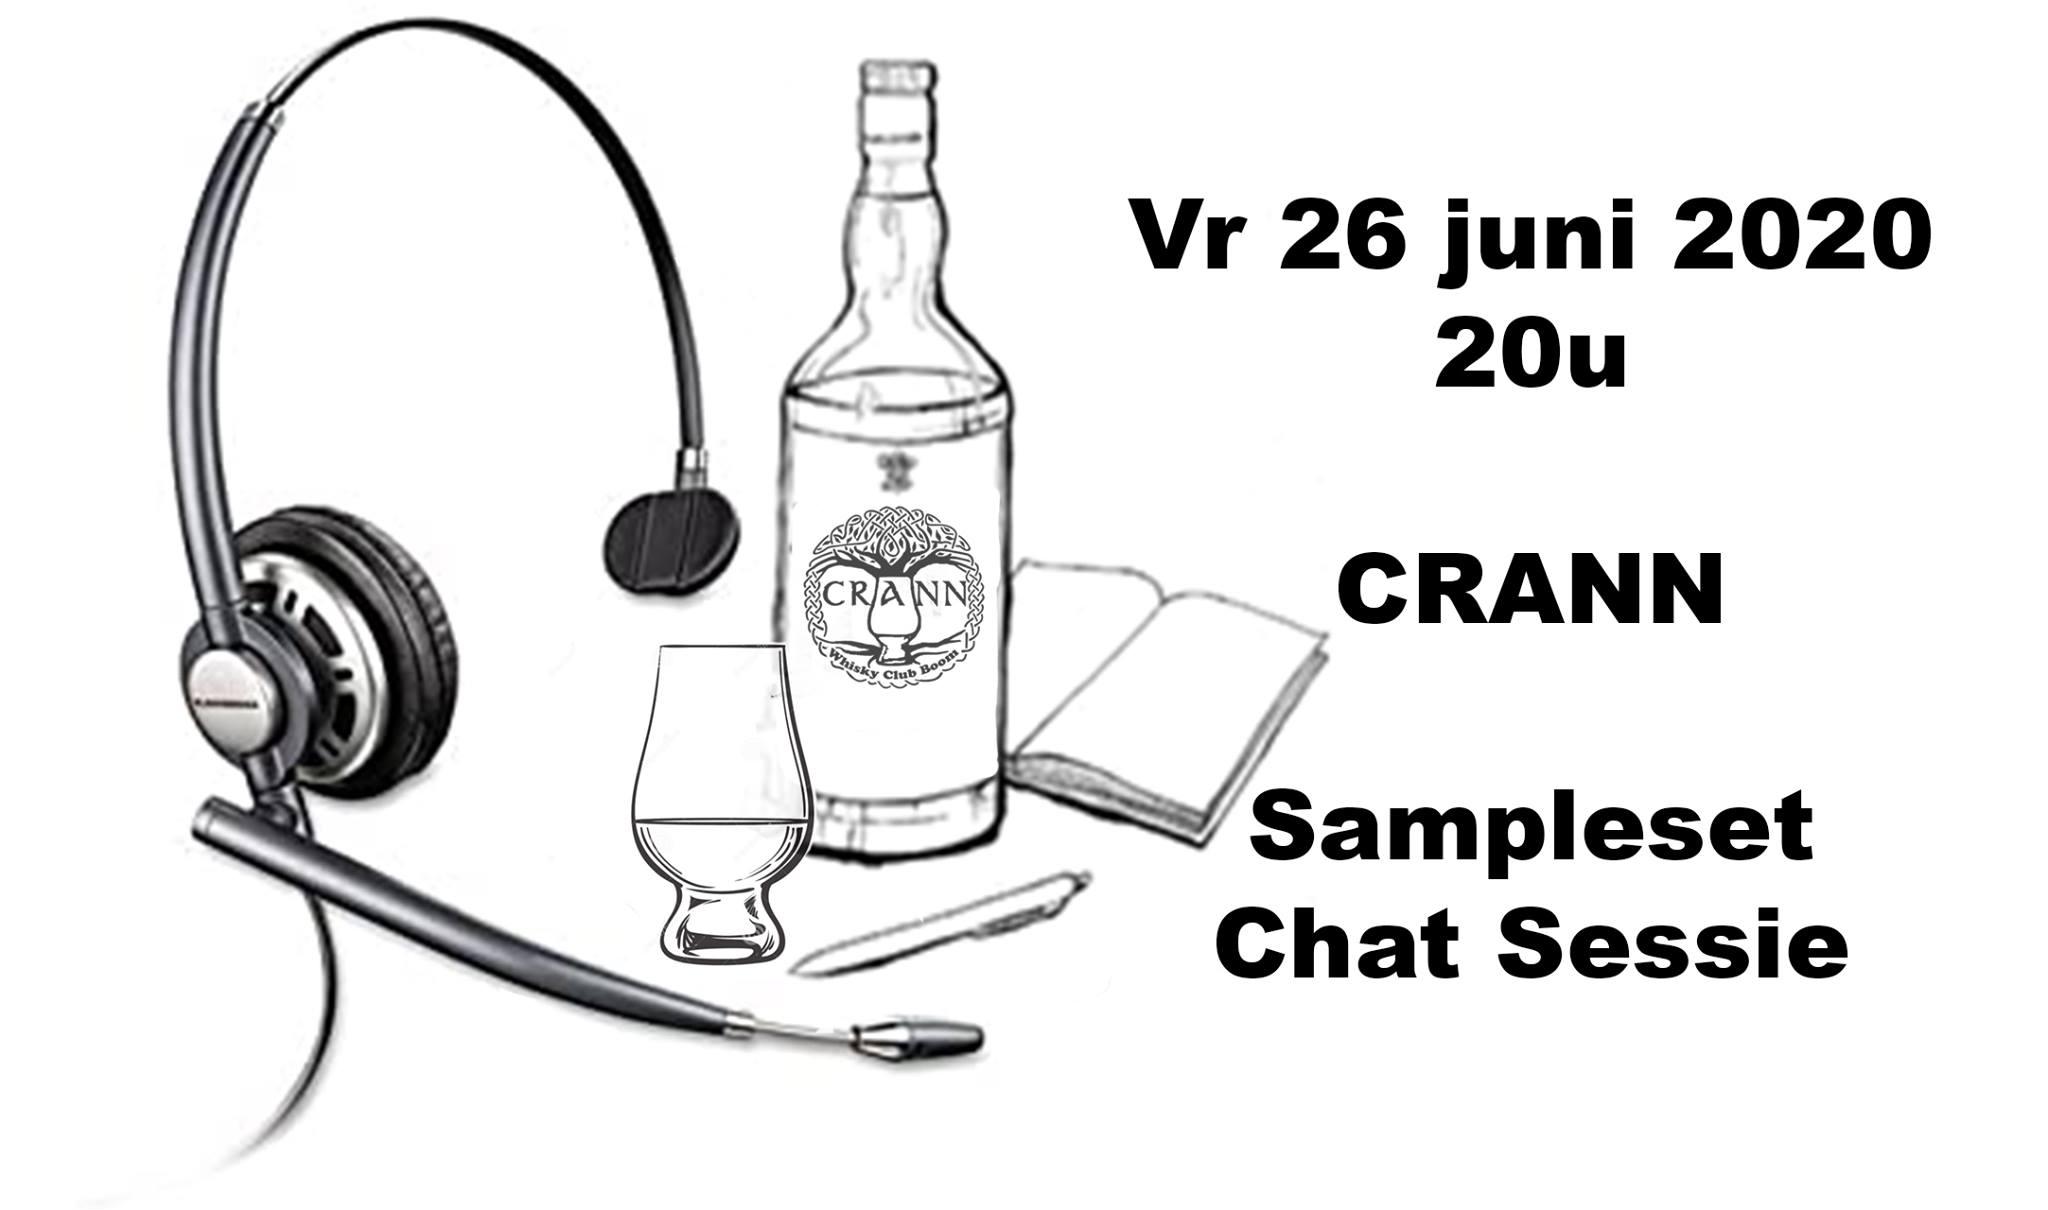 Crann Sampleset Chat Sessie